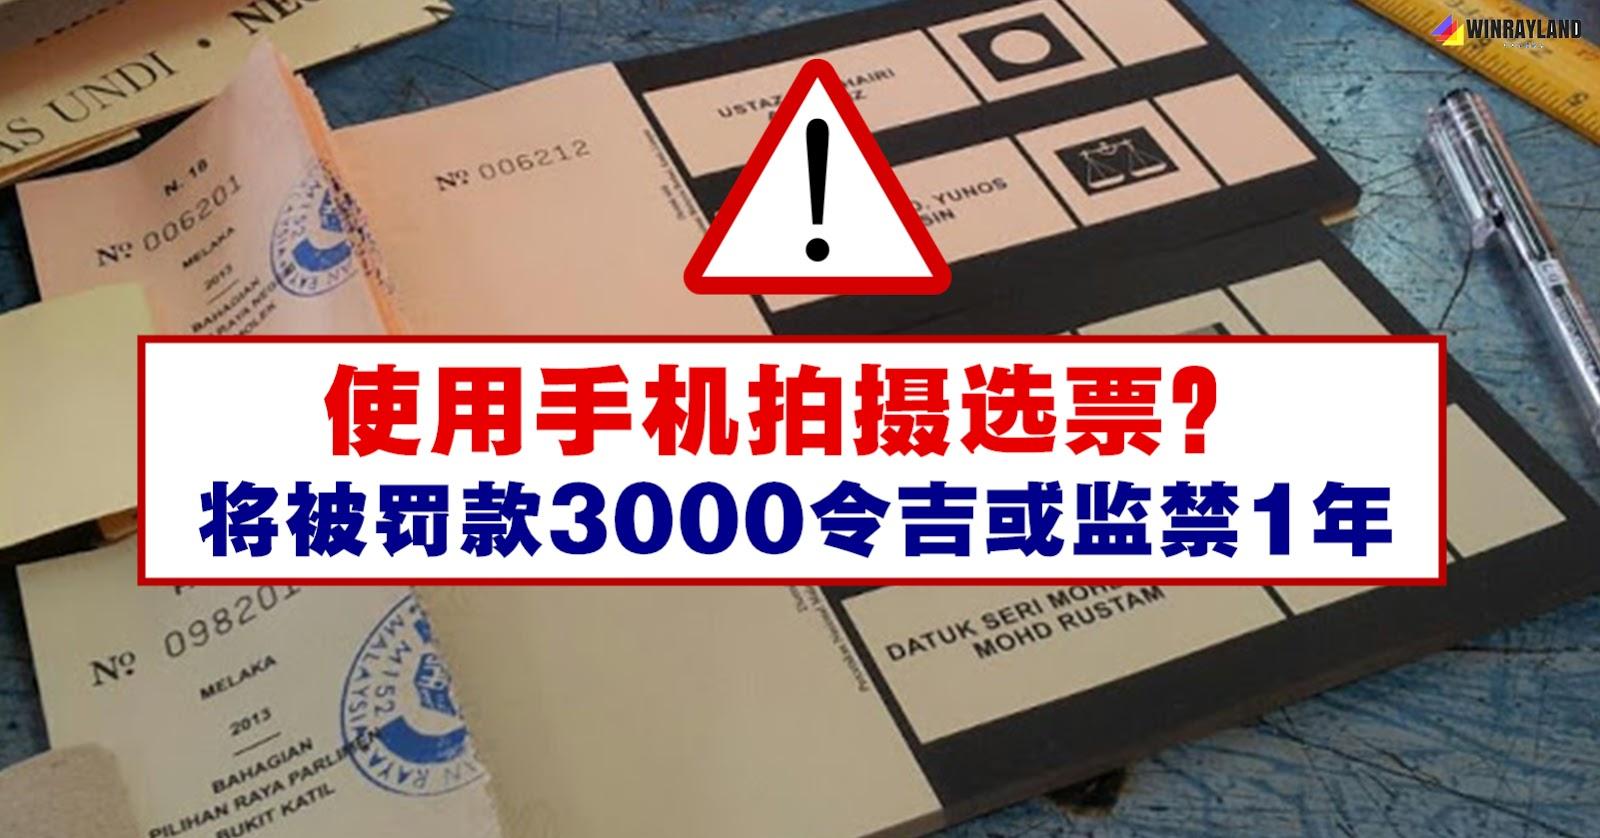 使用手机拍摄选票?将被罚款3000令吉或监禁1年